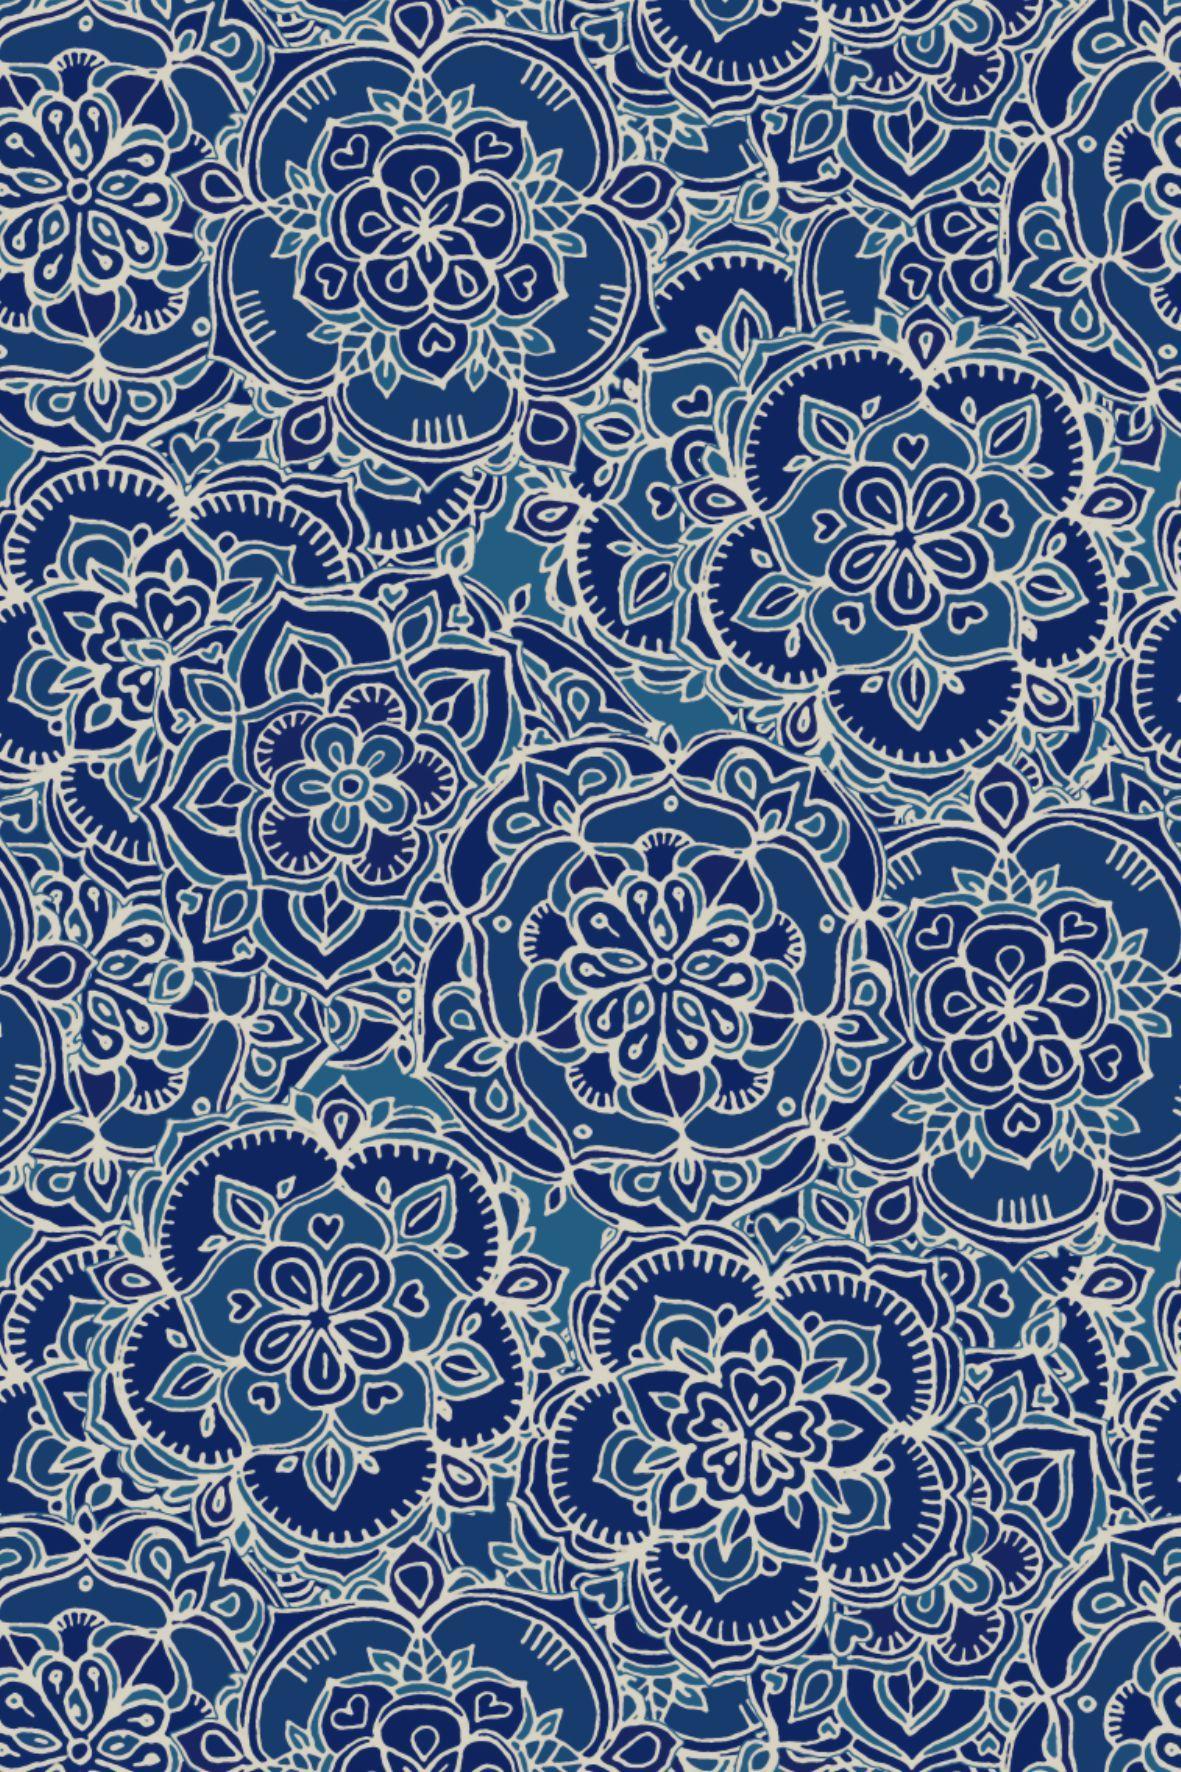 zentangle wallpapers wallpaper cave